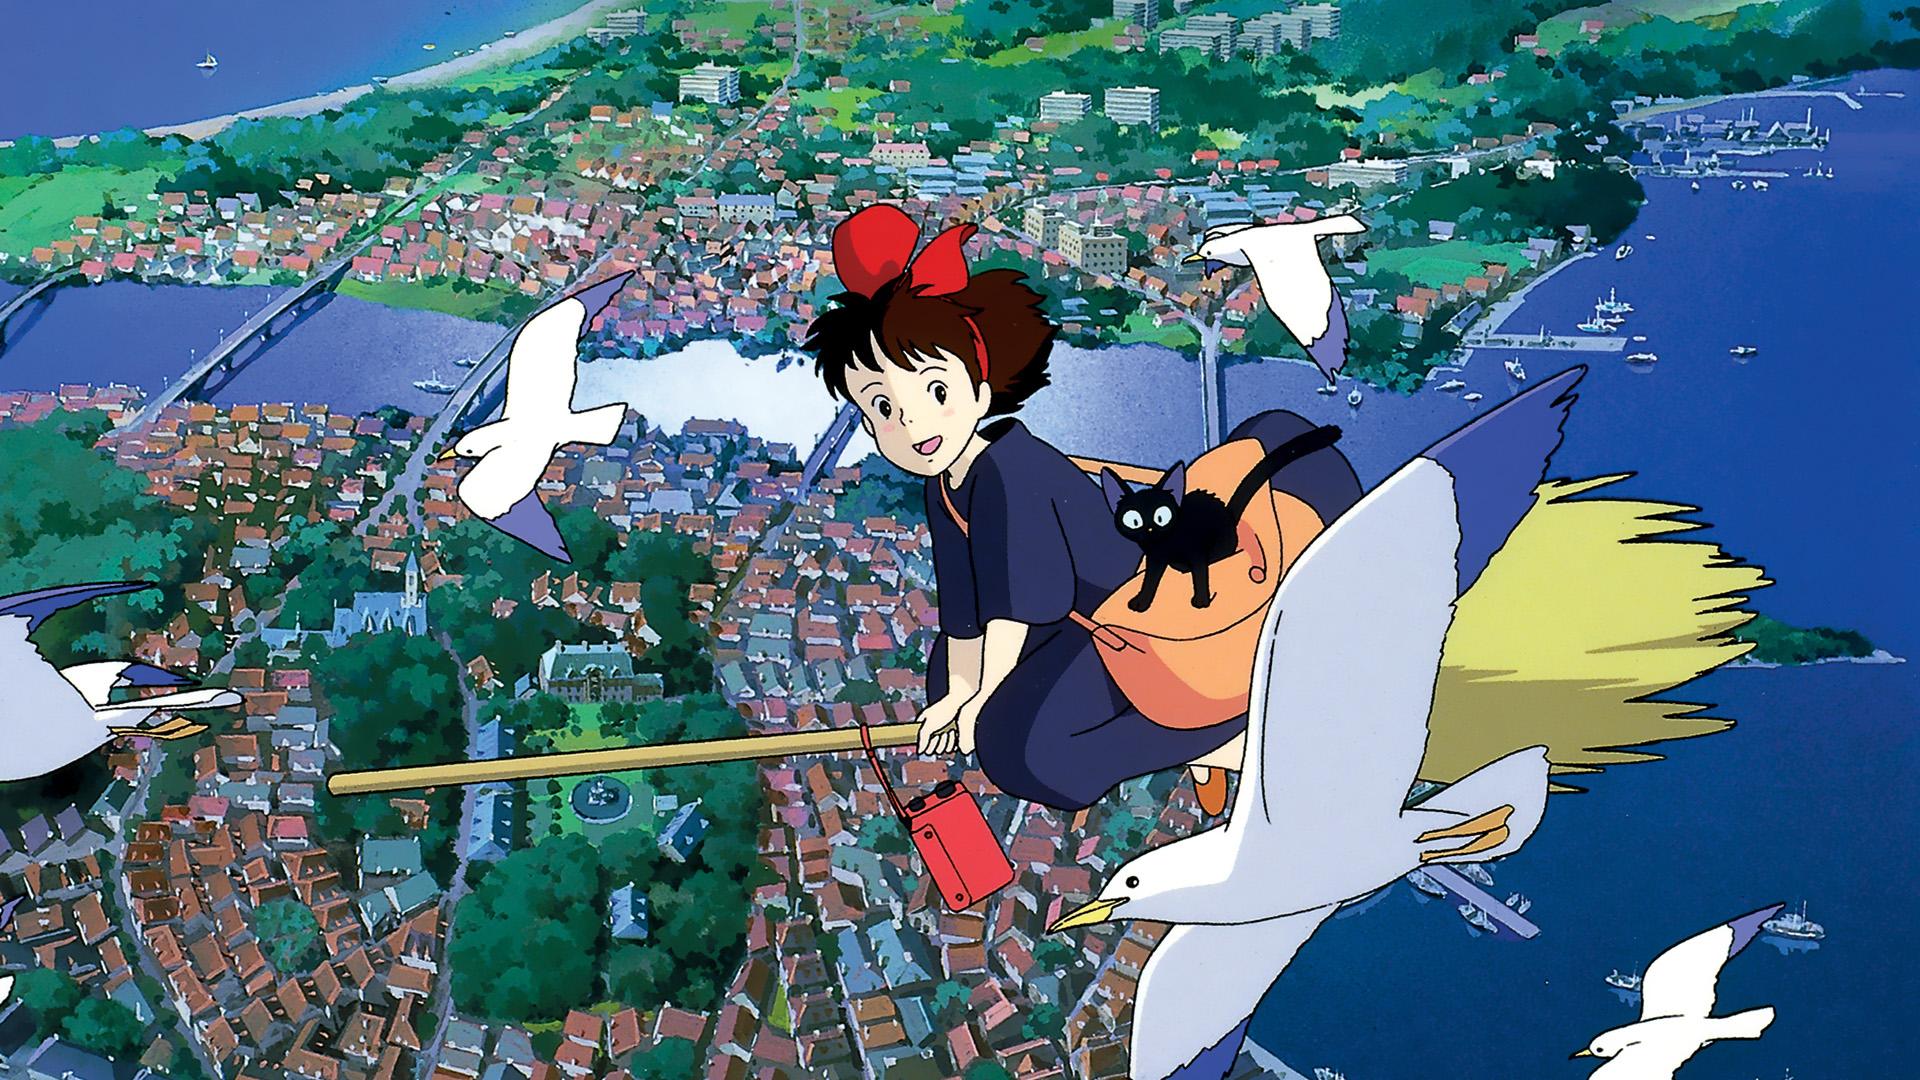 宮崎駿が語ったジブリ『魔女の宅急便』で、魔女キキが猫ジジの言葉をわからなくなった本当の理由!